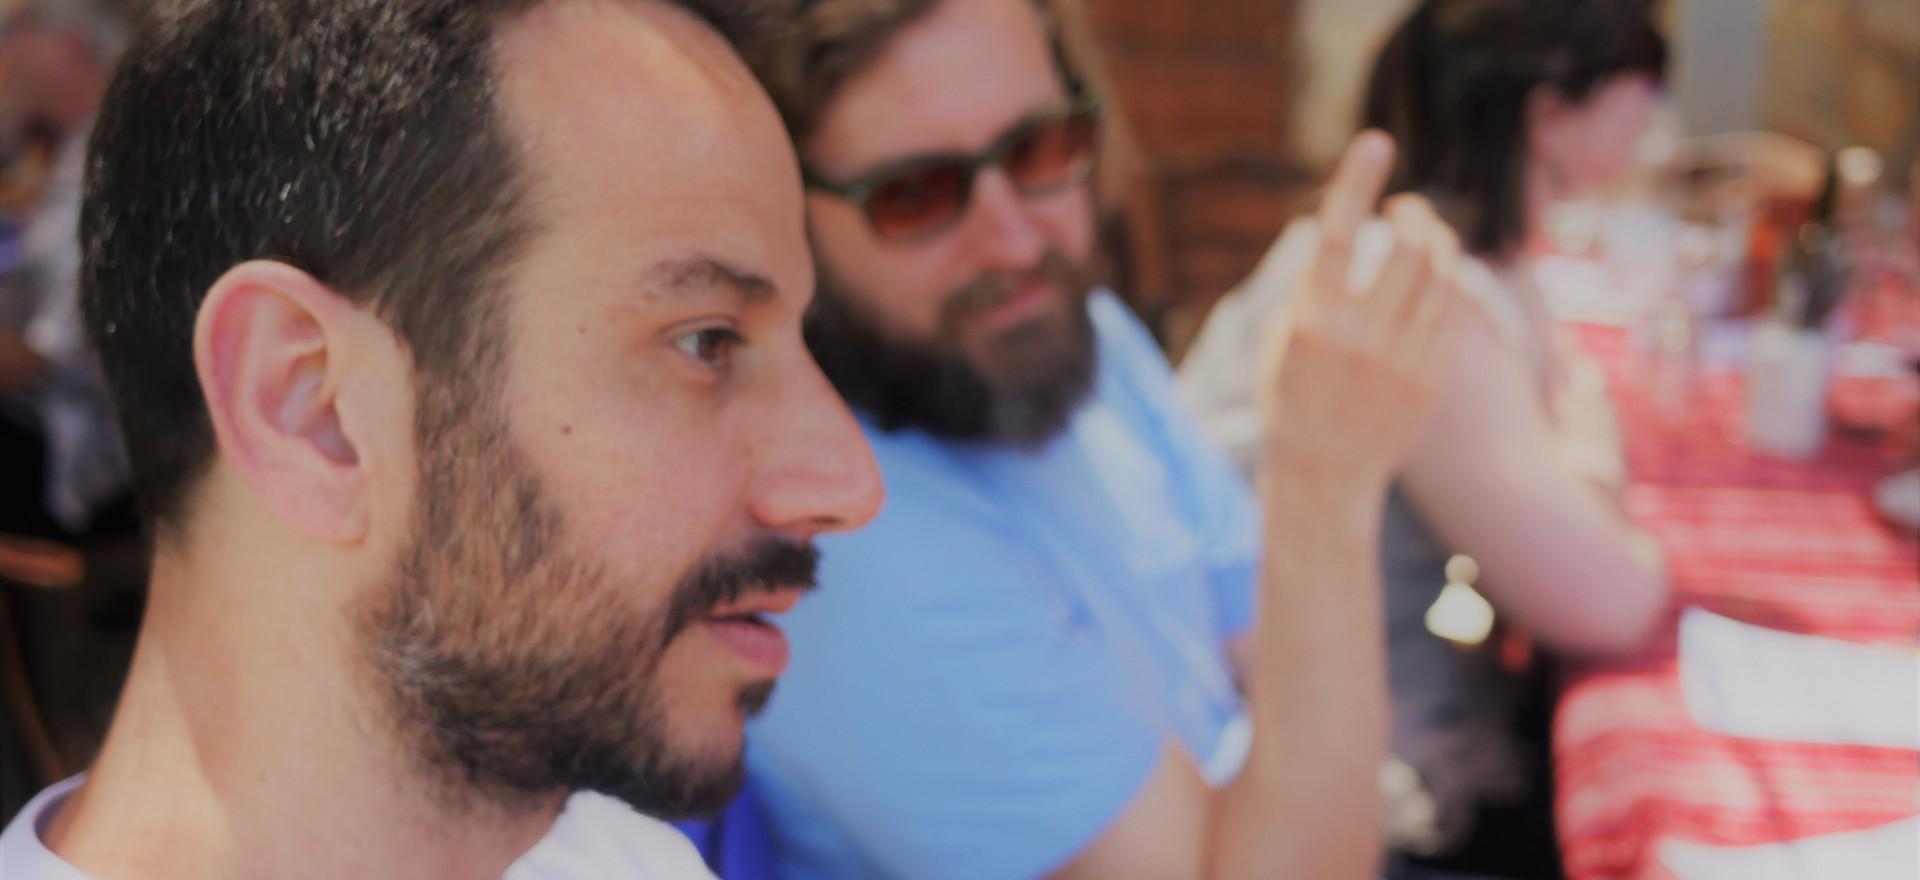 Nikos Manouselis, CEO of Agroknow